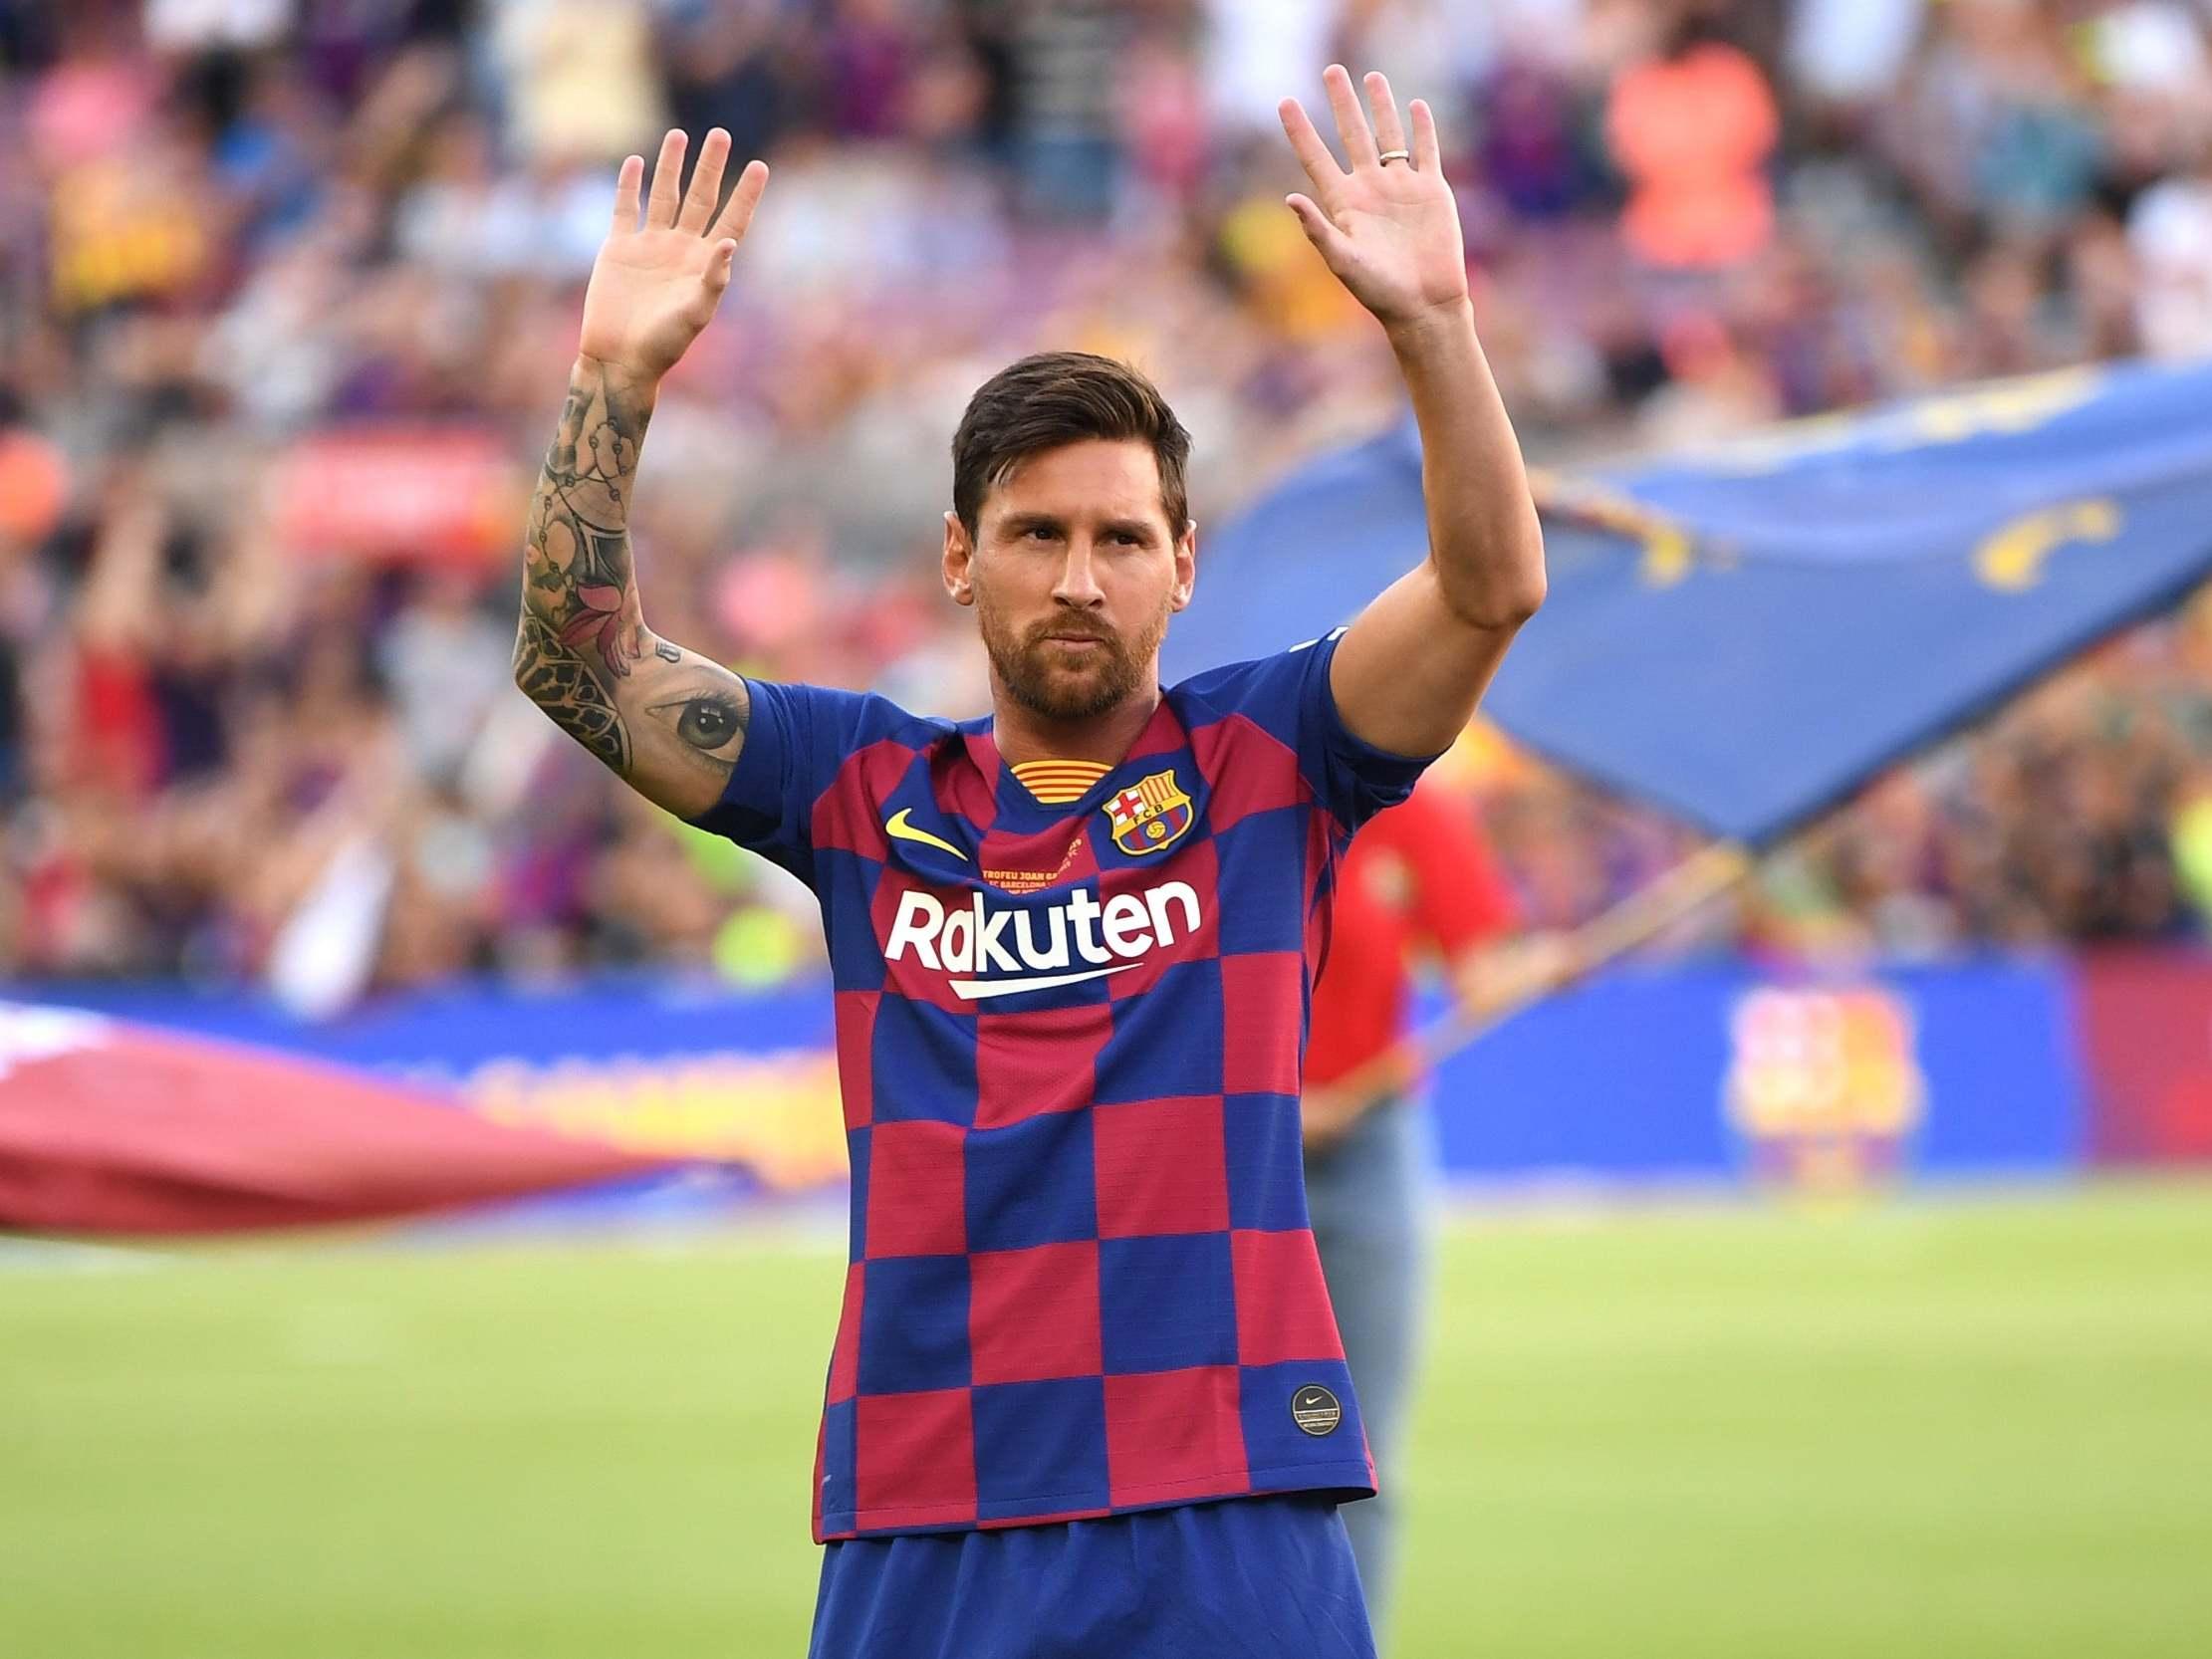 Chỉ cần đạt được 1 điều, Messi sẽ rời Barcelona ngay lập tức? - Bóng Đá